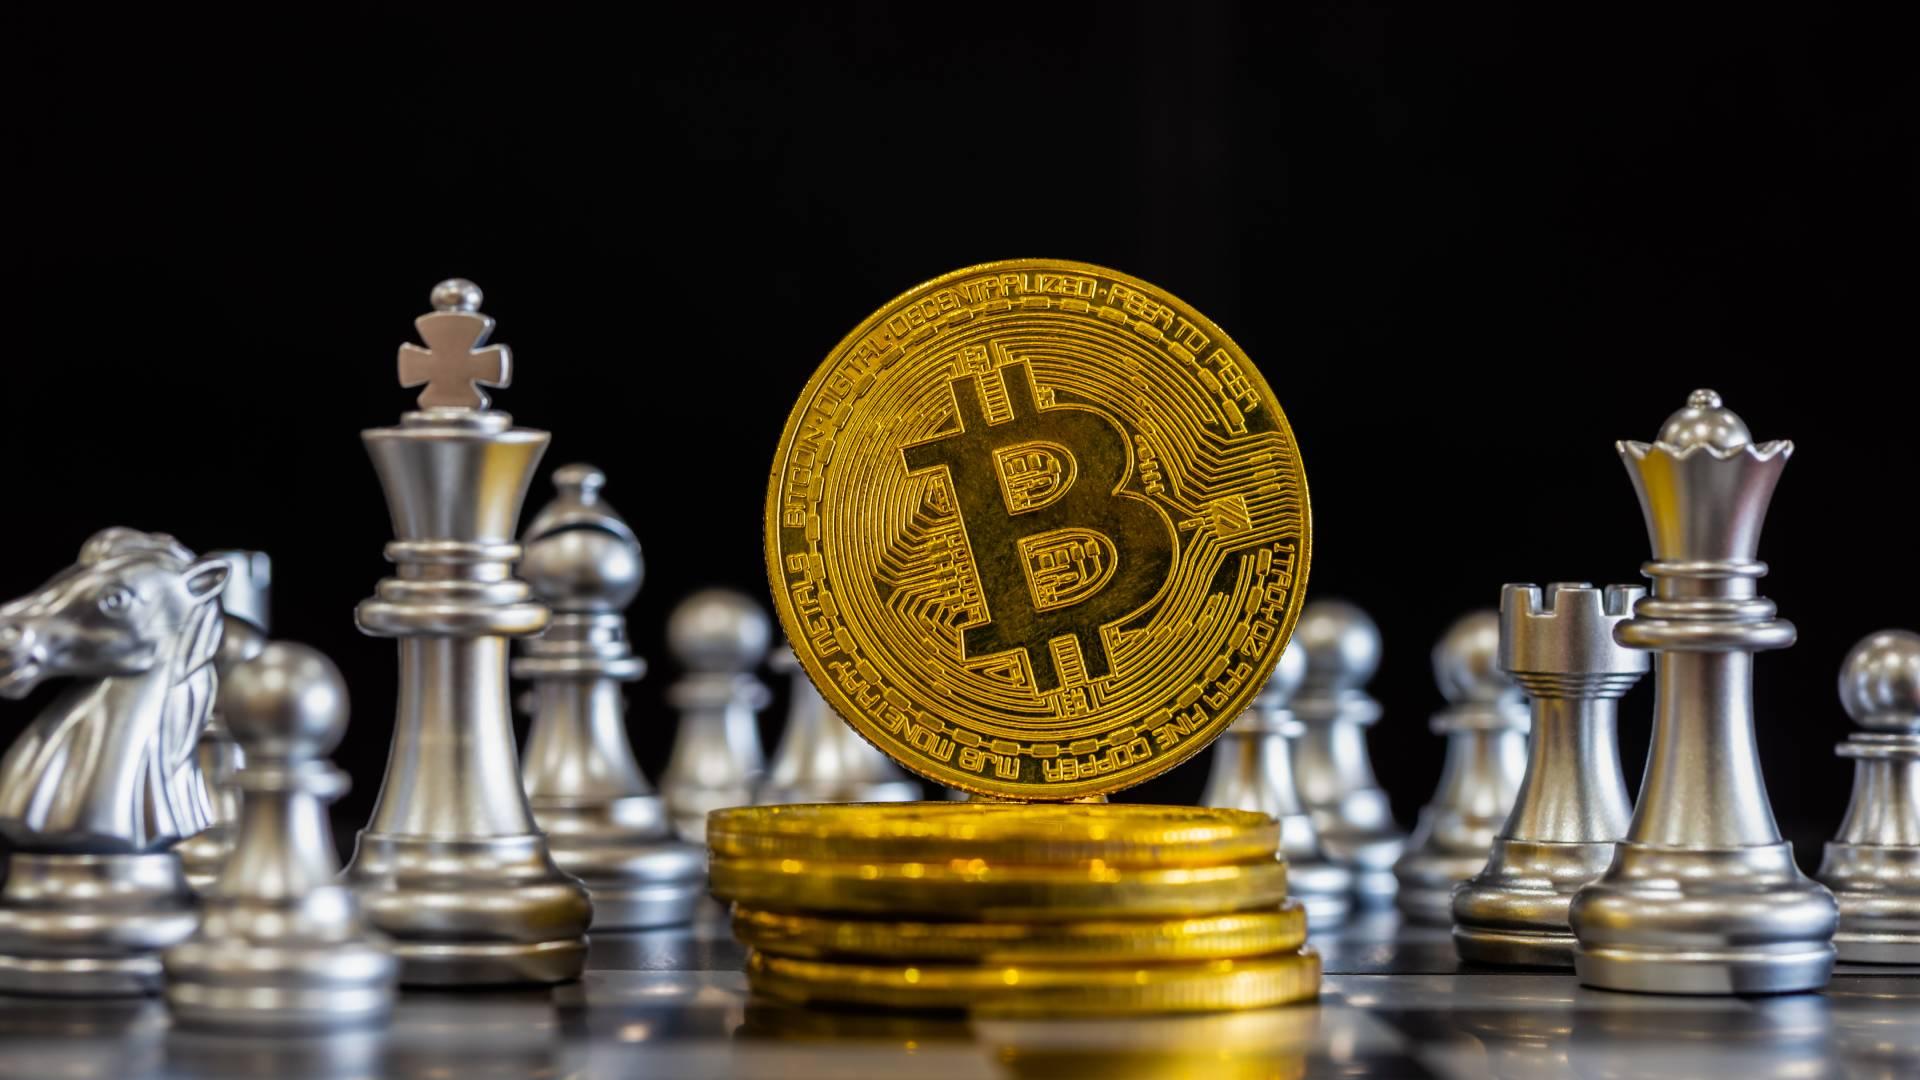 Bitcoin BTC Onculugunde Kripto Paralar Yukselise Gecti Sirada Ne Var